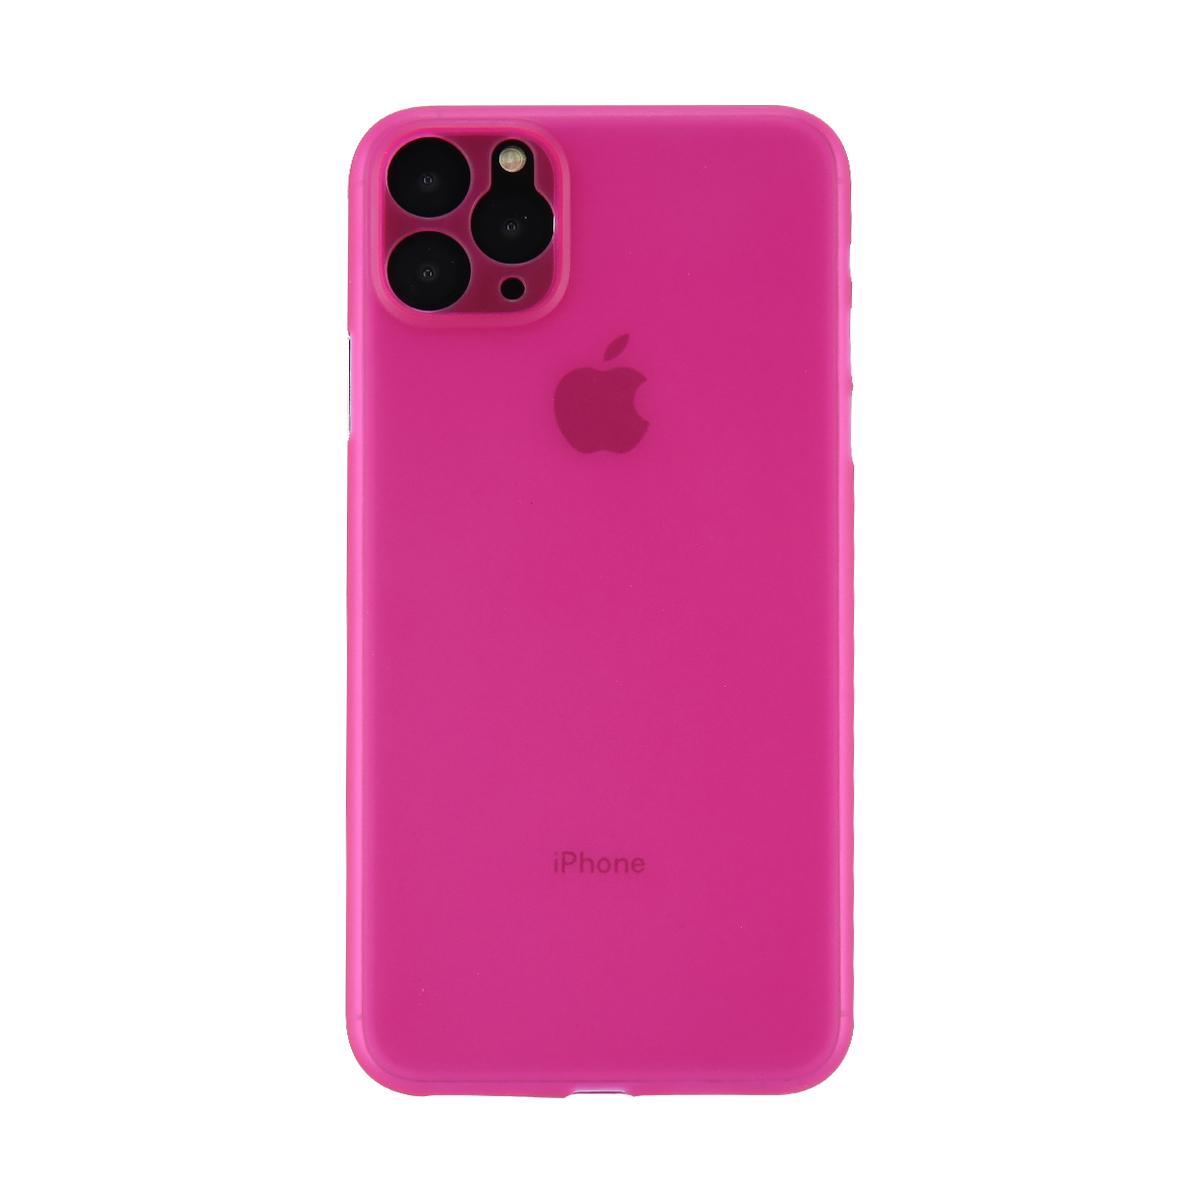 USLION ударопрочный матовый чехол для телефона iPhone 11 Pro Max однотонный карамельный цвет чехол для телефона Ультратонкий Жесткий Чехол для задне...(Китай)